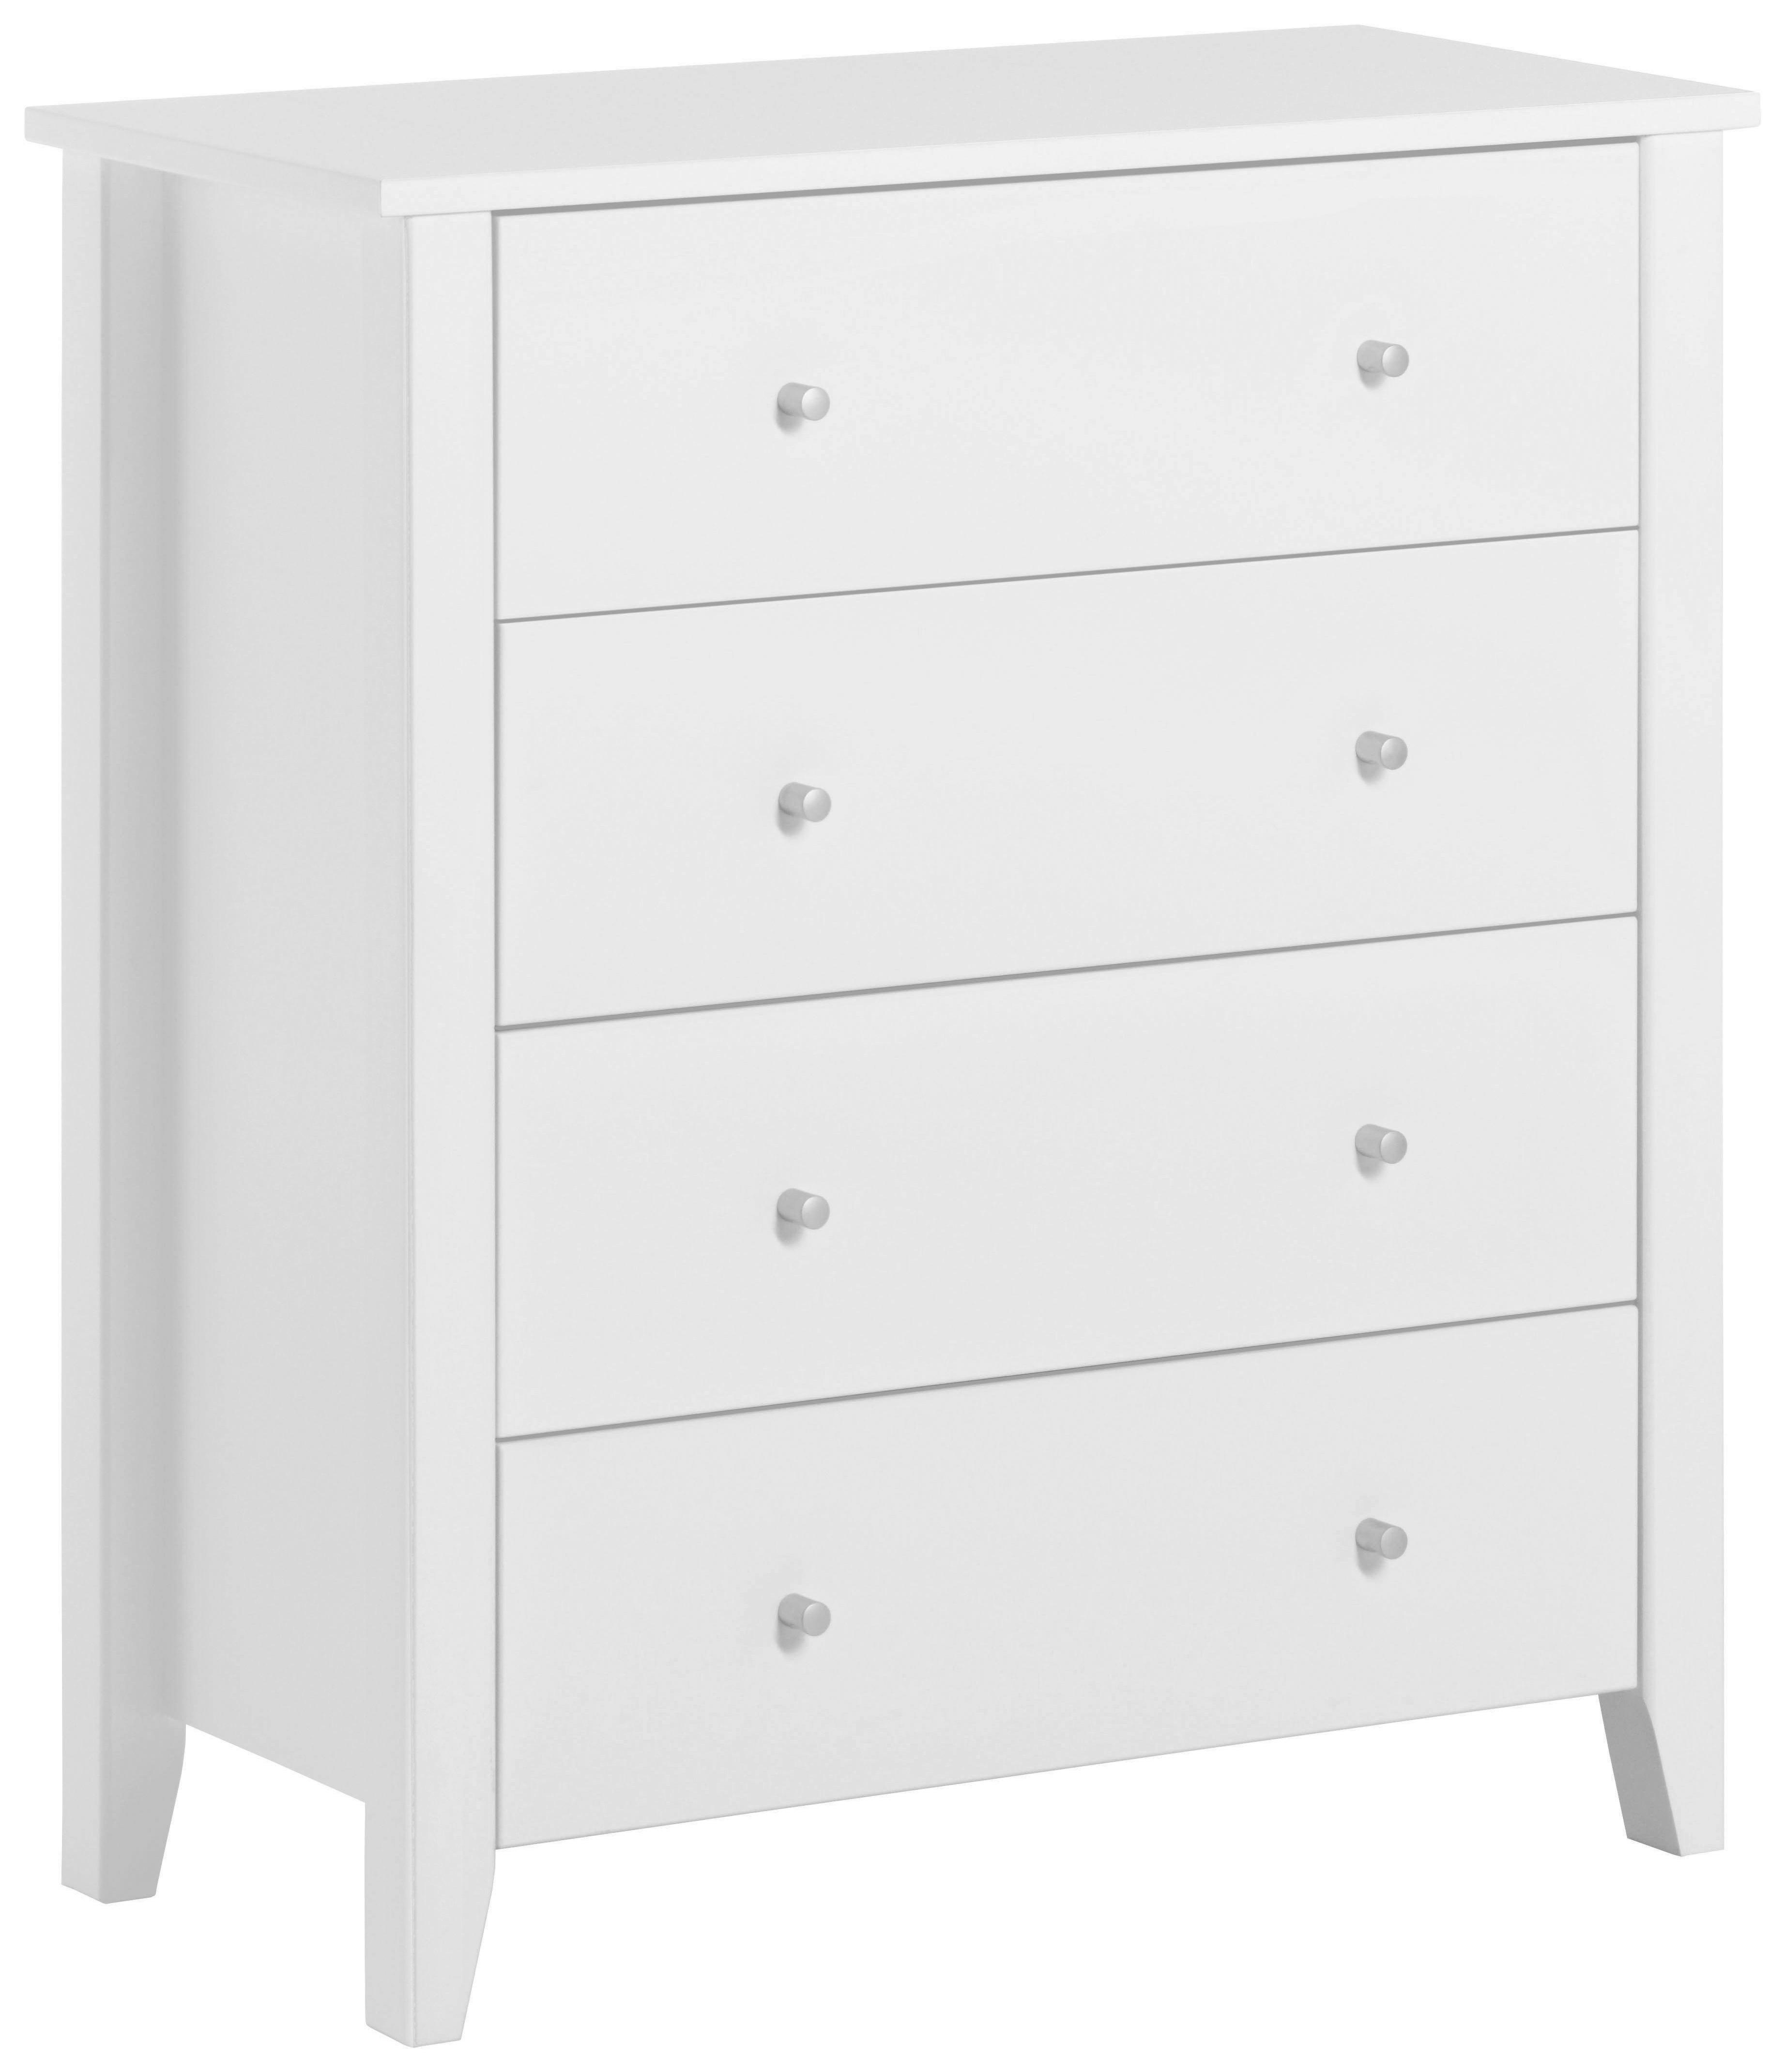 KOMMODE in teilmassiv Kiefer Weiß - Silberfarben/Weiß, MODERN, Holz/Holzwerkstoff (84/95/40cm)